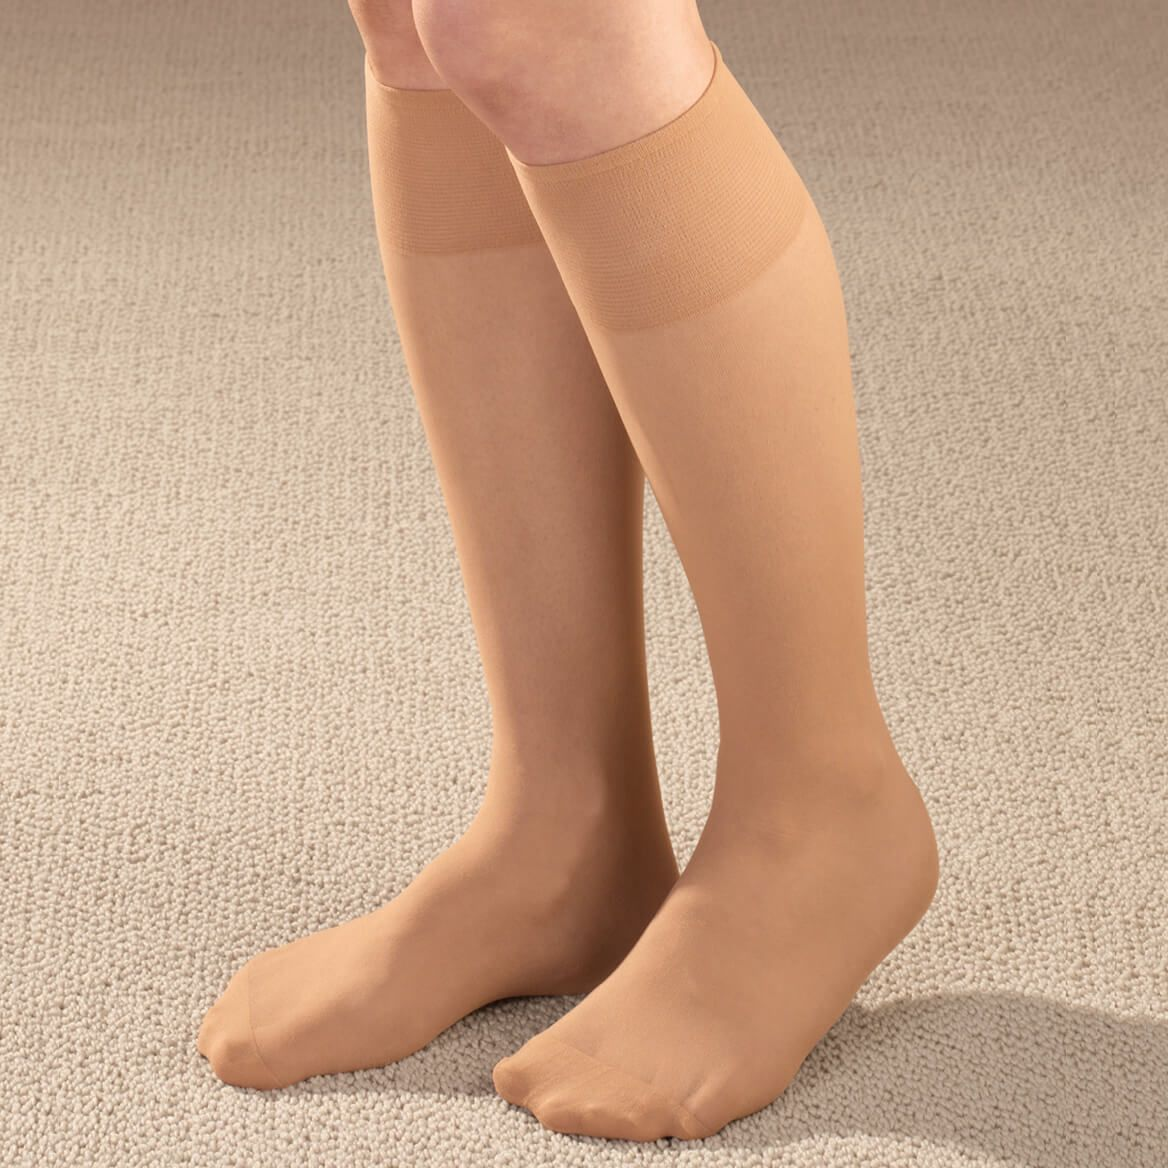 Diabetic Knee High Sheer Hose-347565